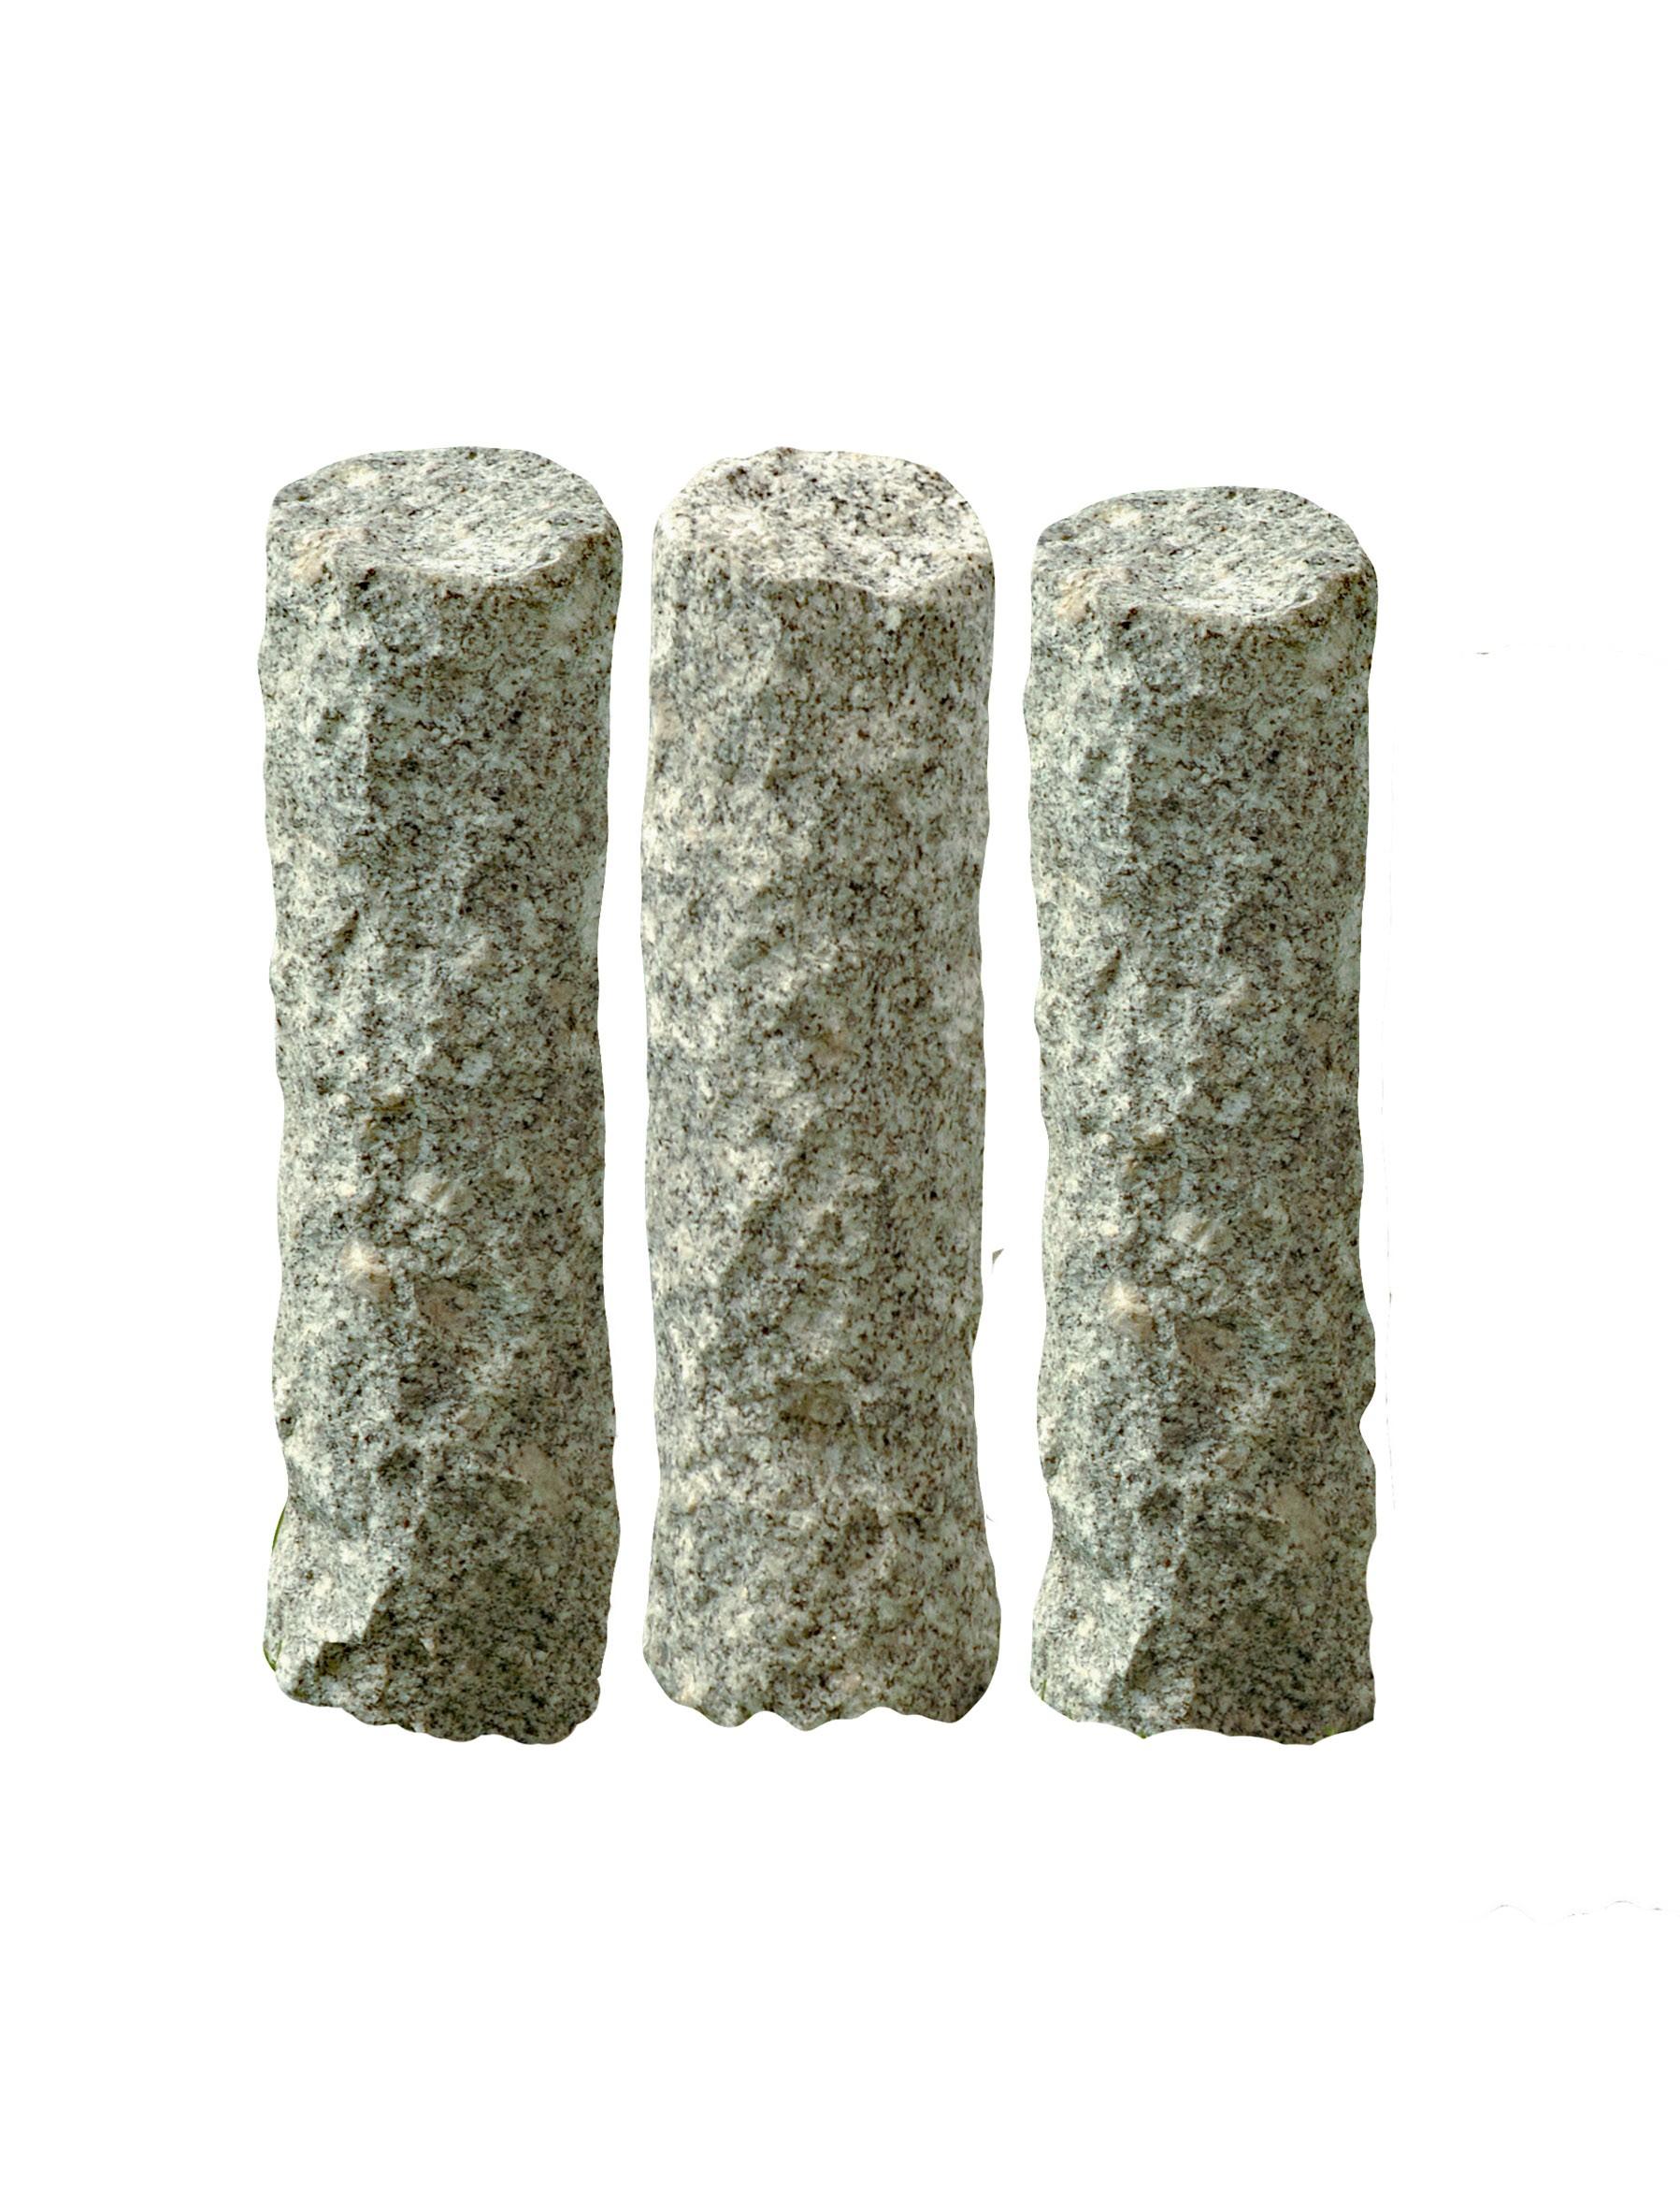 Bordure en granit Palizzata h 30 x Ø 10